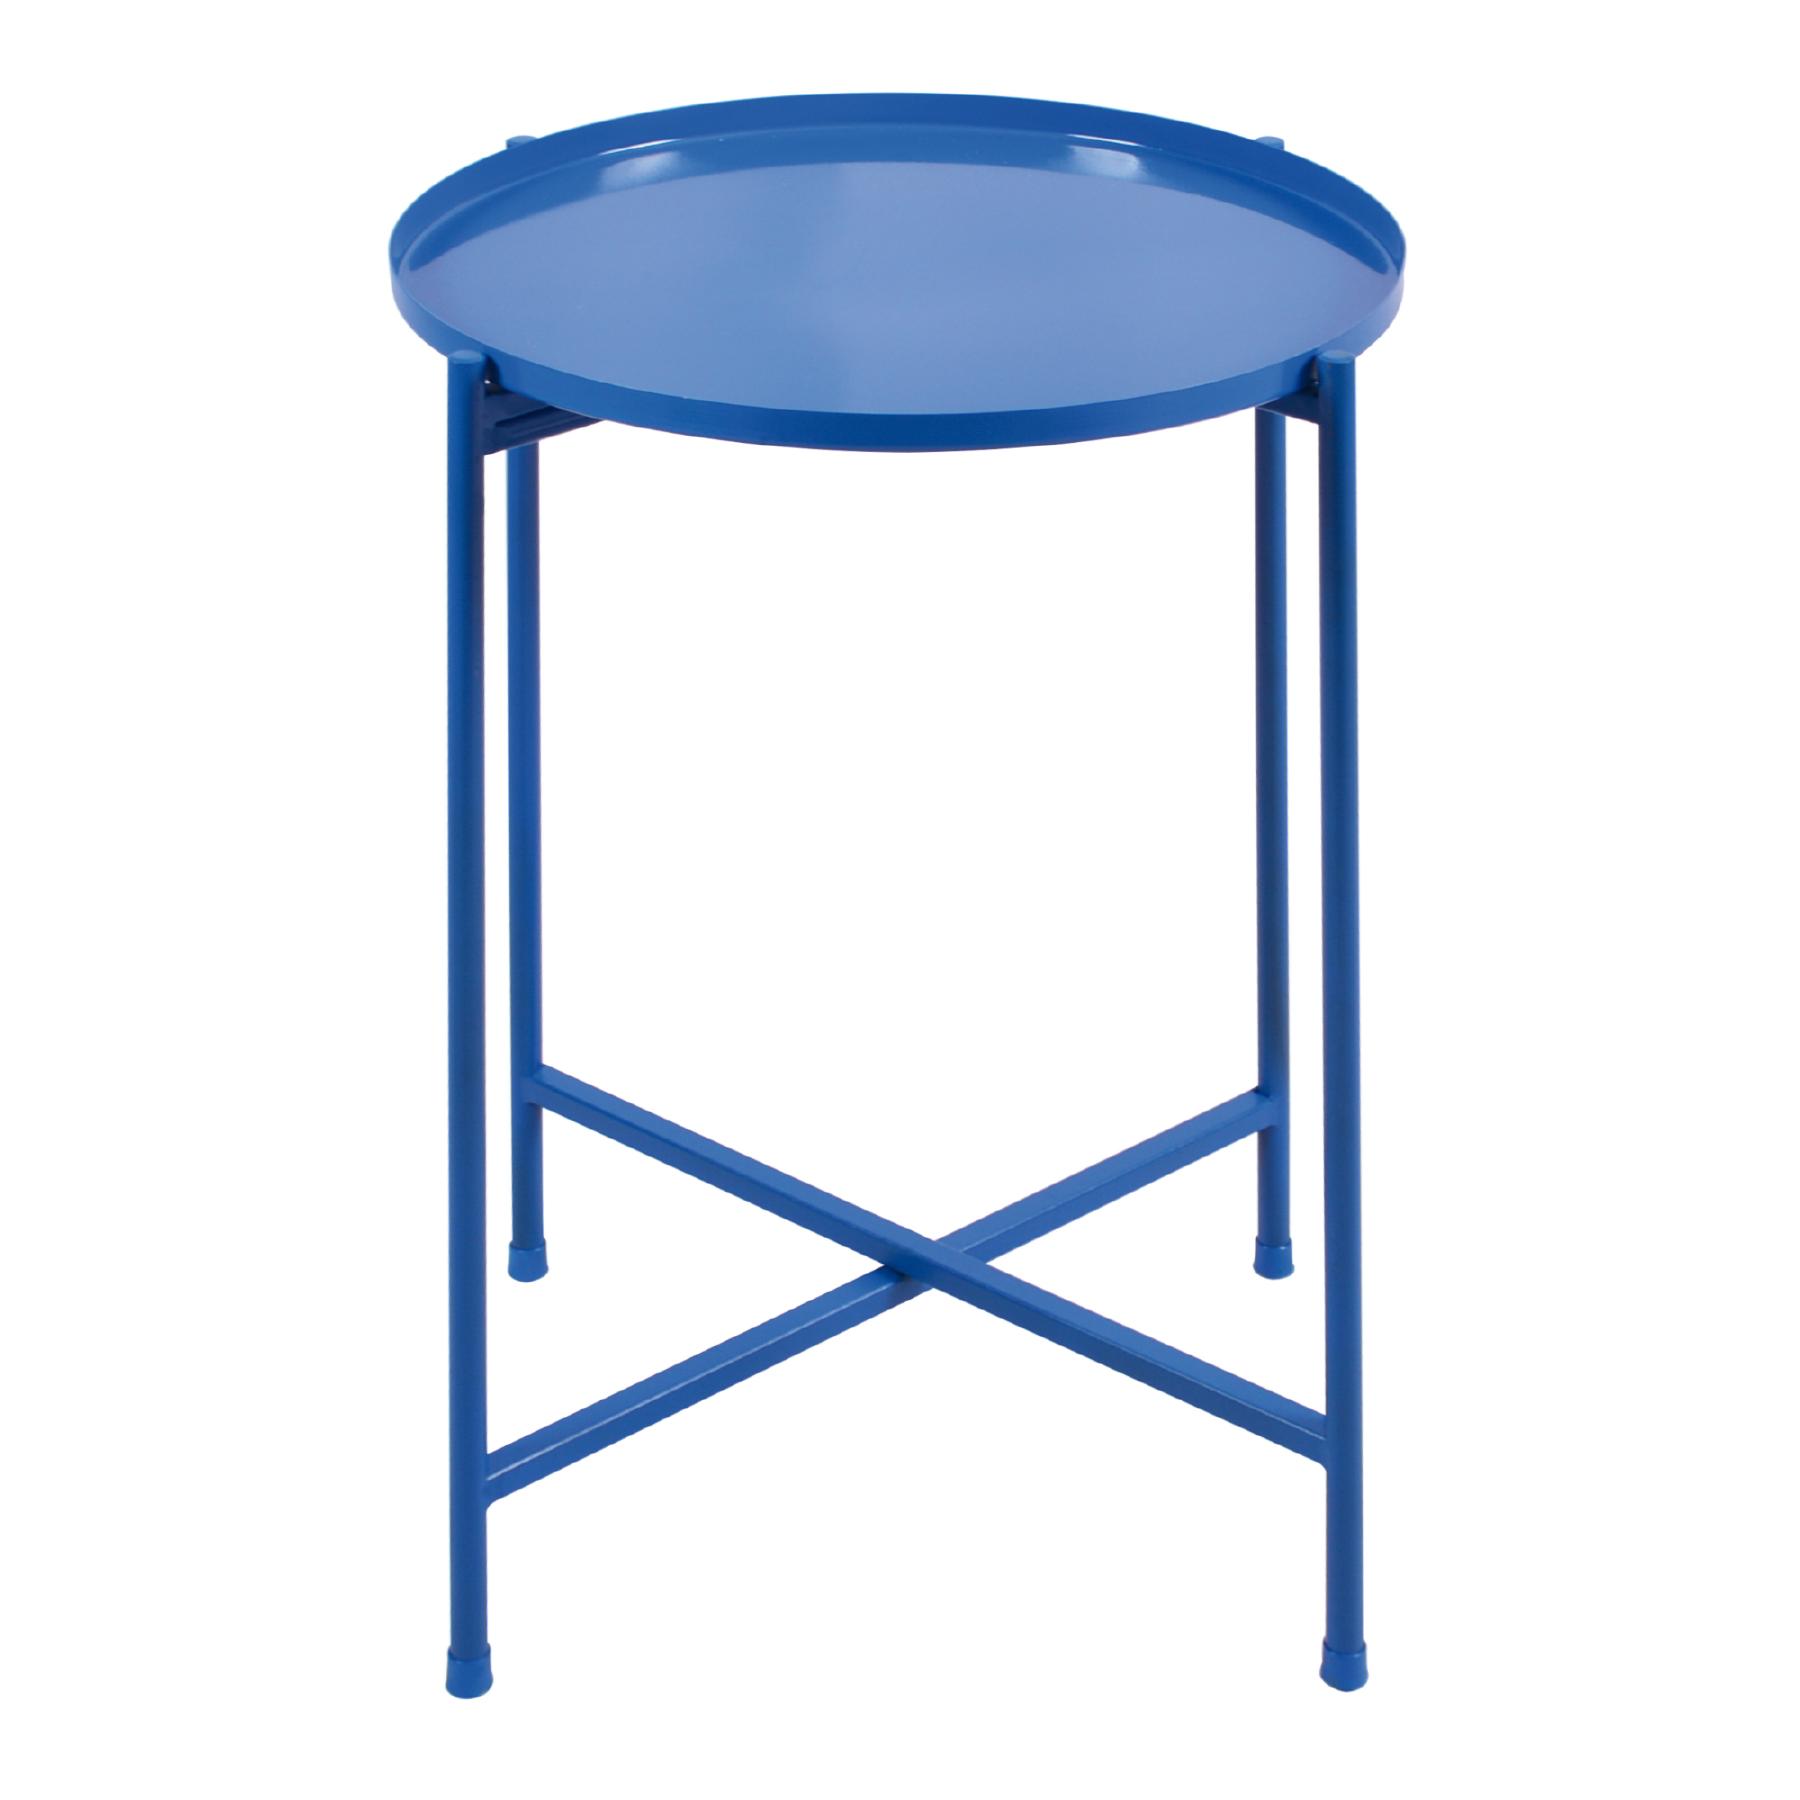 Mesa lateral desmontável Grande Azul Cobalto